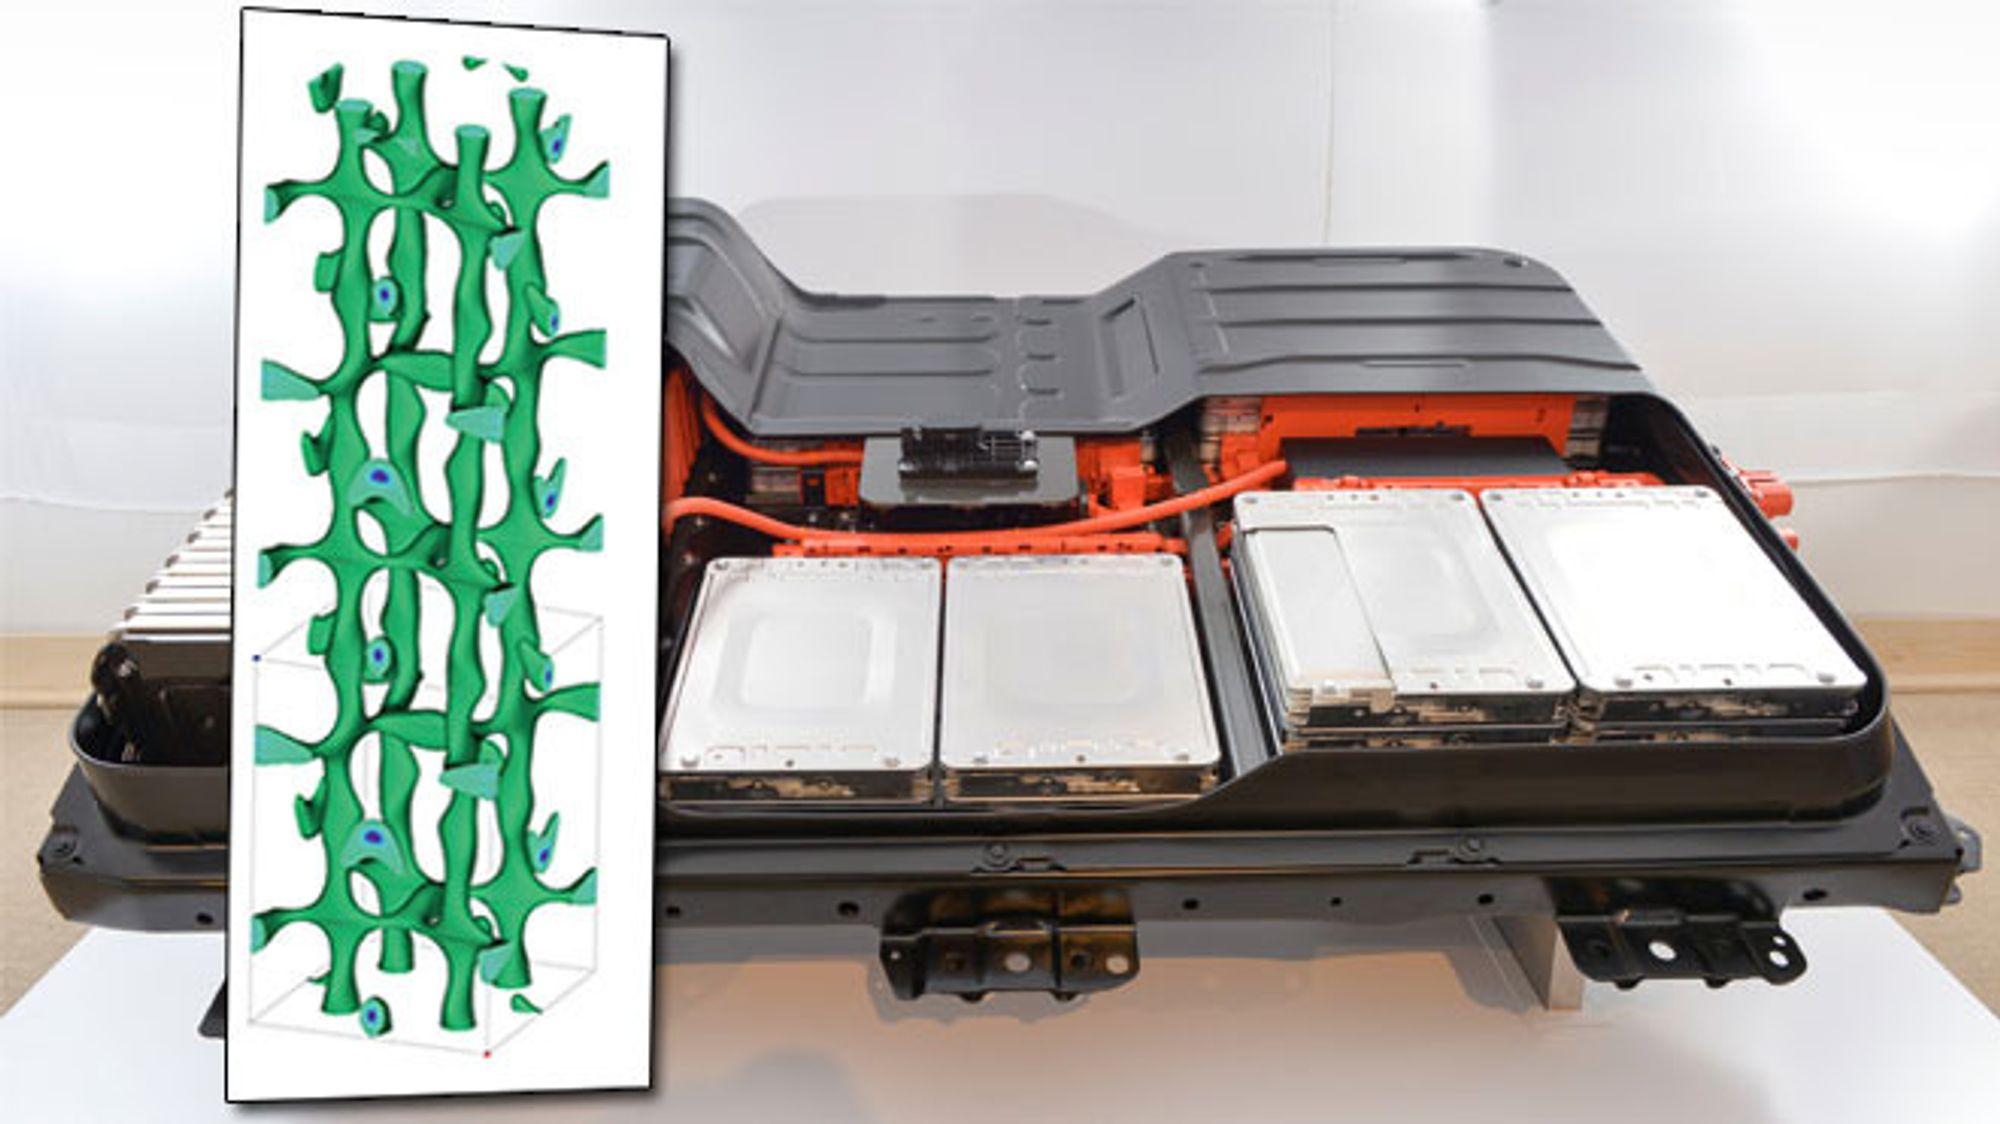 Japanske forskere har utviklet et nytt krystallmateriale som kan erstatte flytende elektrolytt. Det kan bety bedre elbilbatterier en gang i fremtiden.